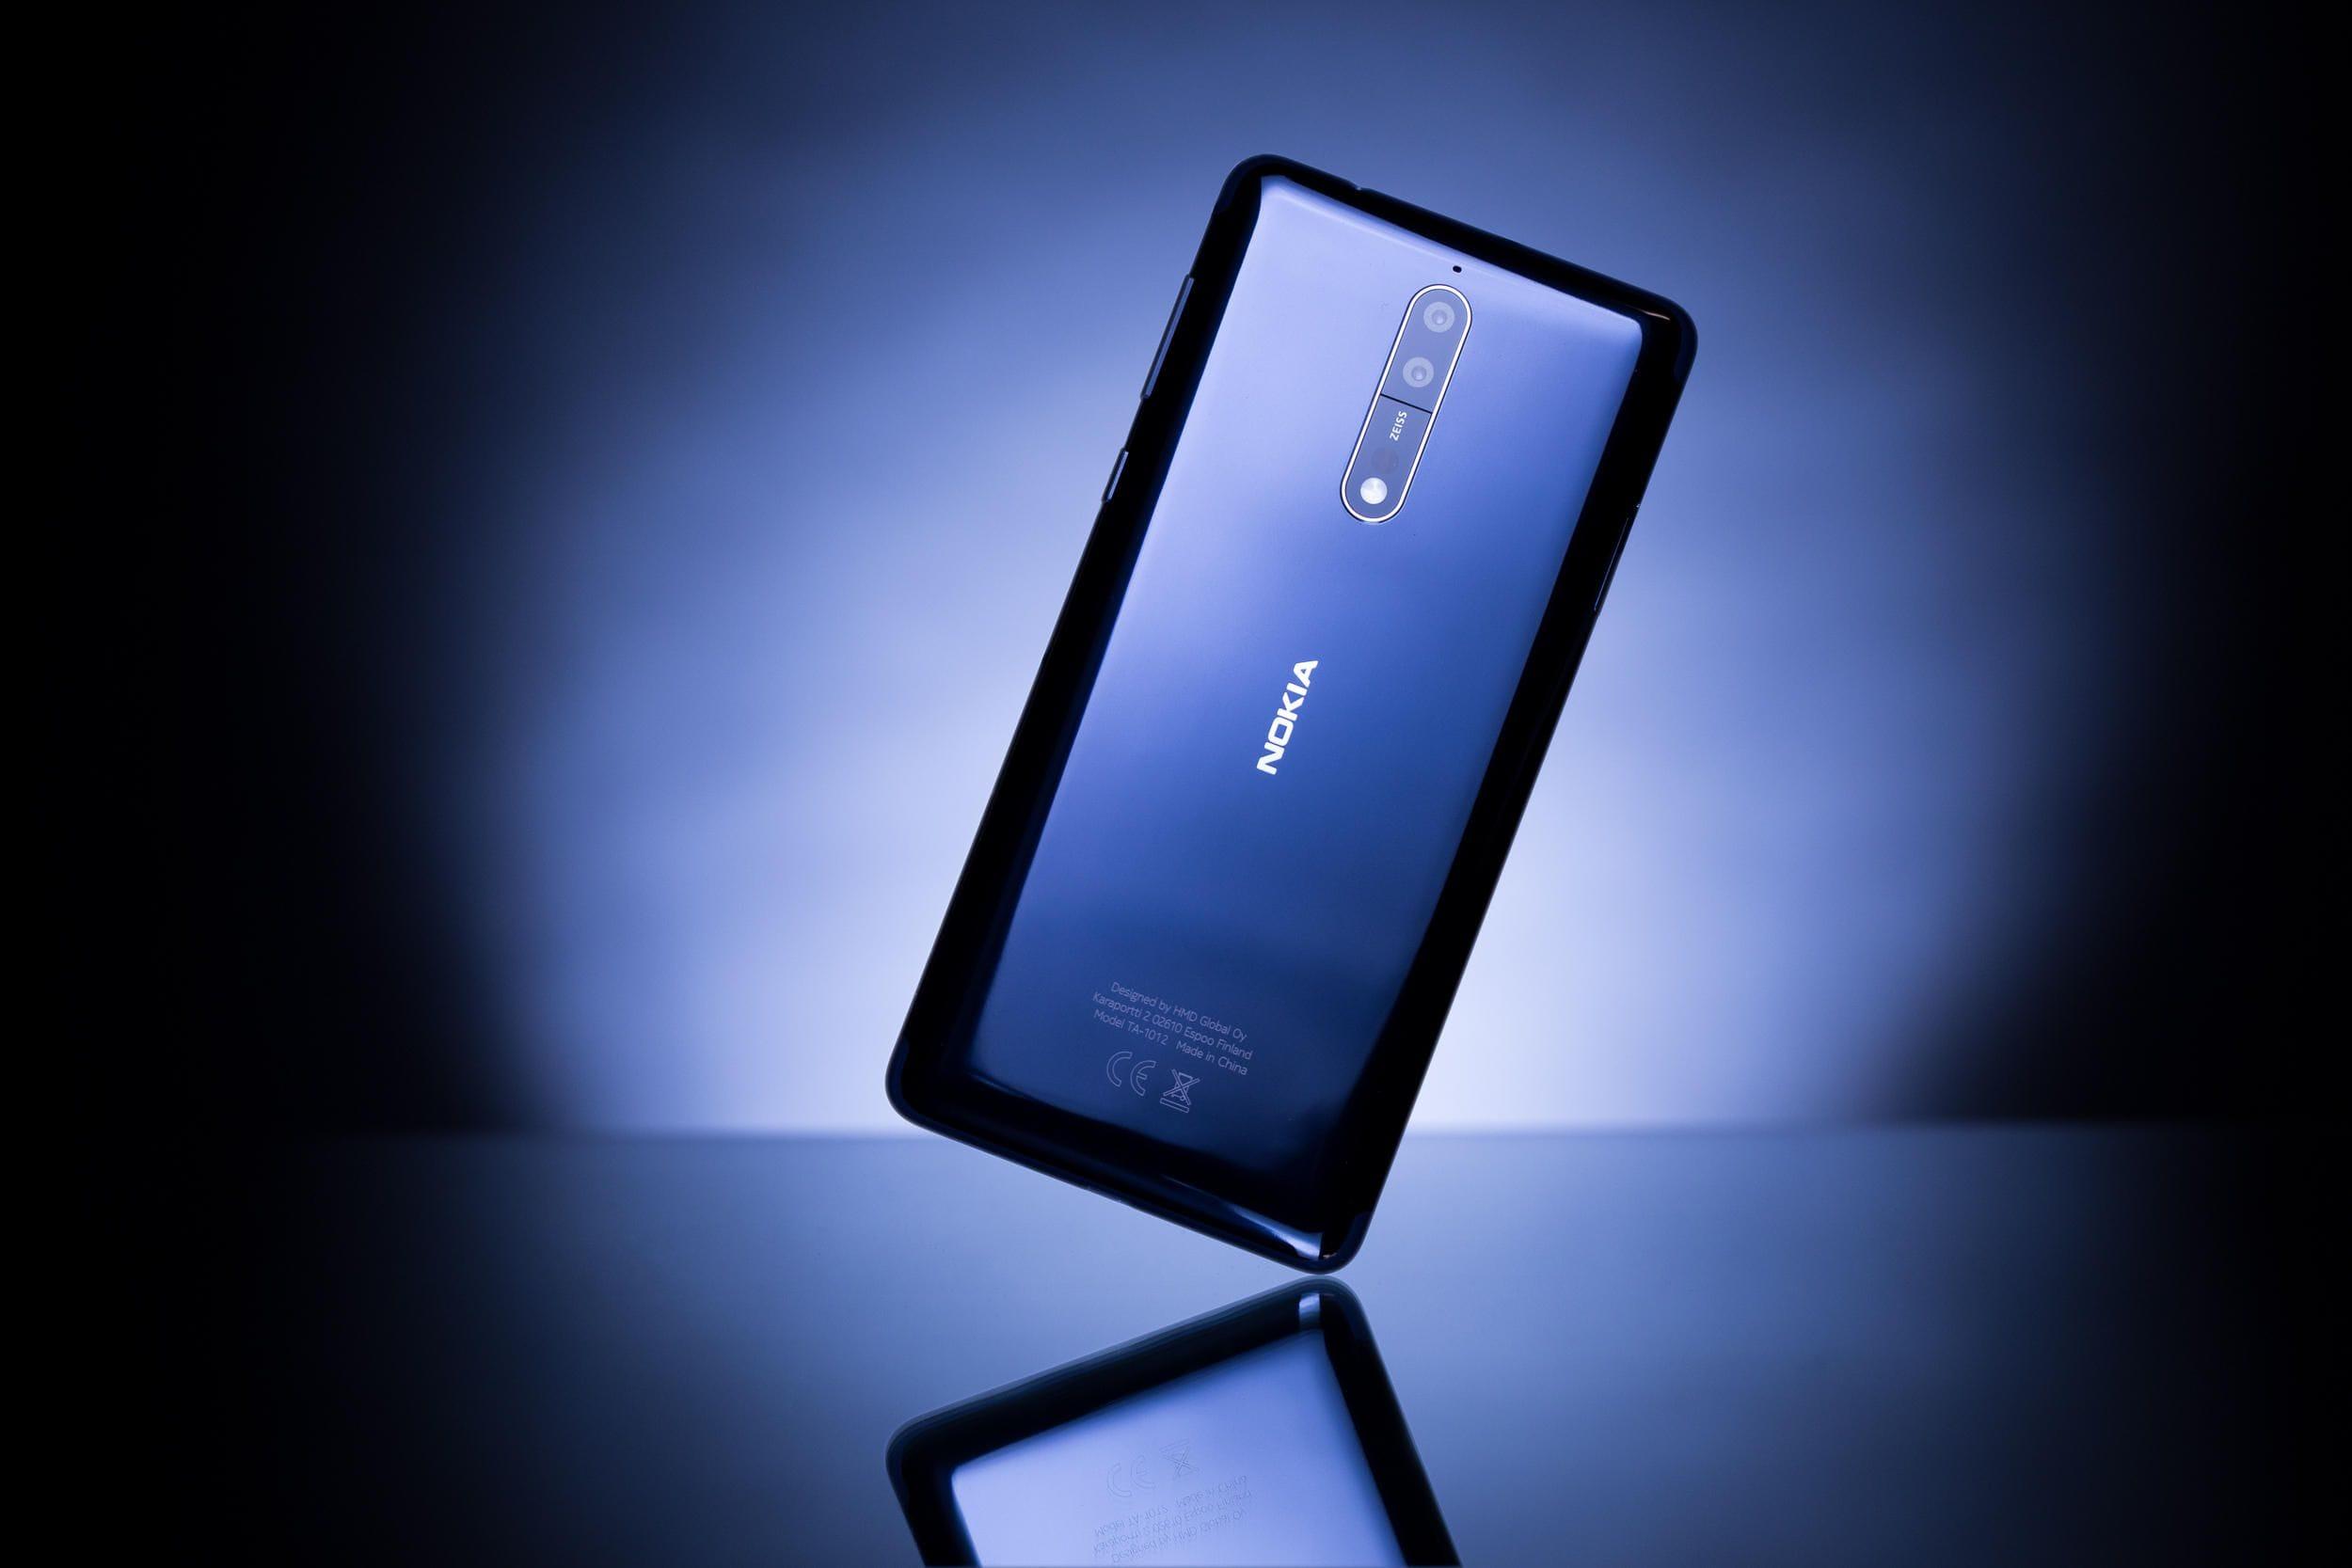 Самый мощнейший смартфон на андроид резко упал вцене в Российской Федерации